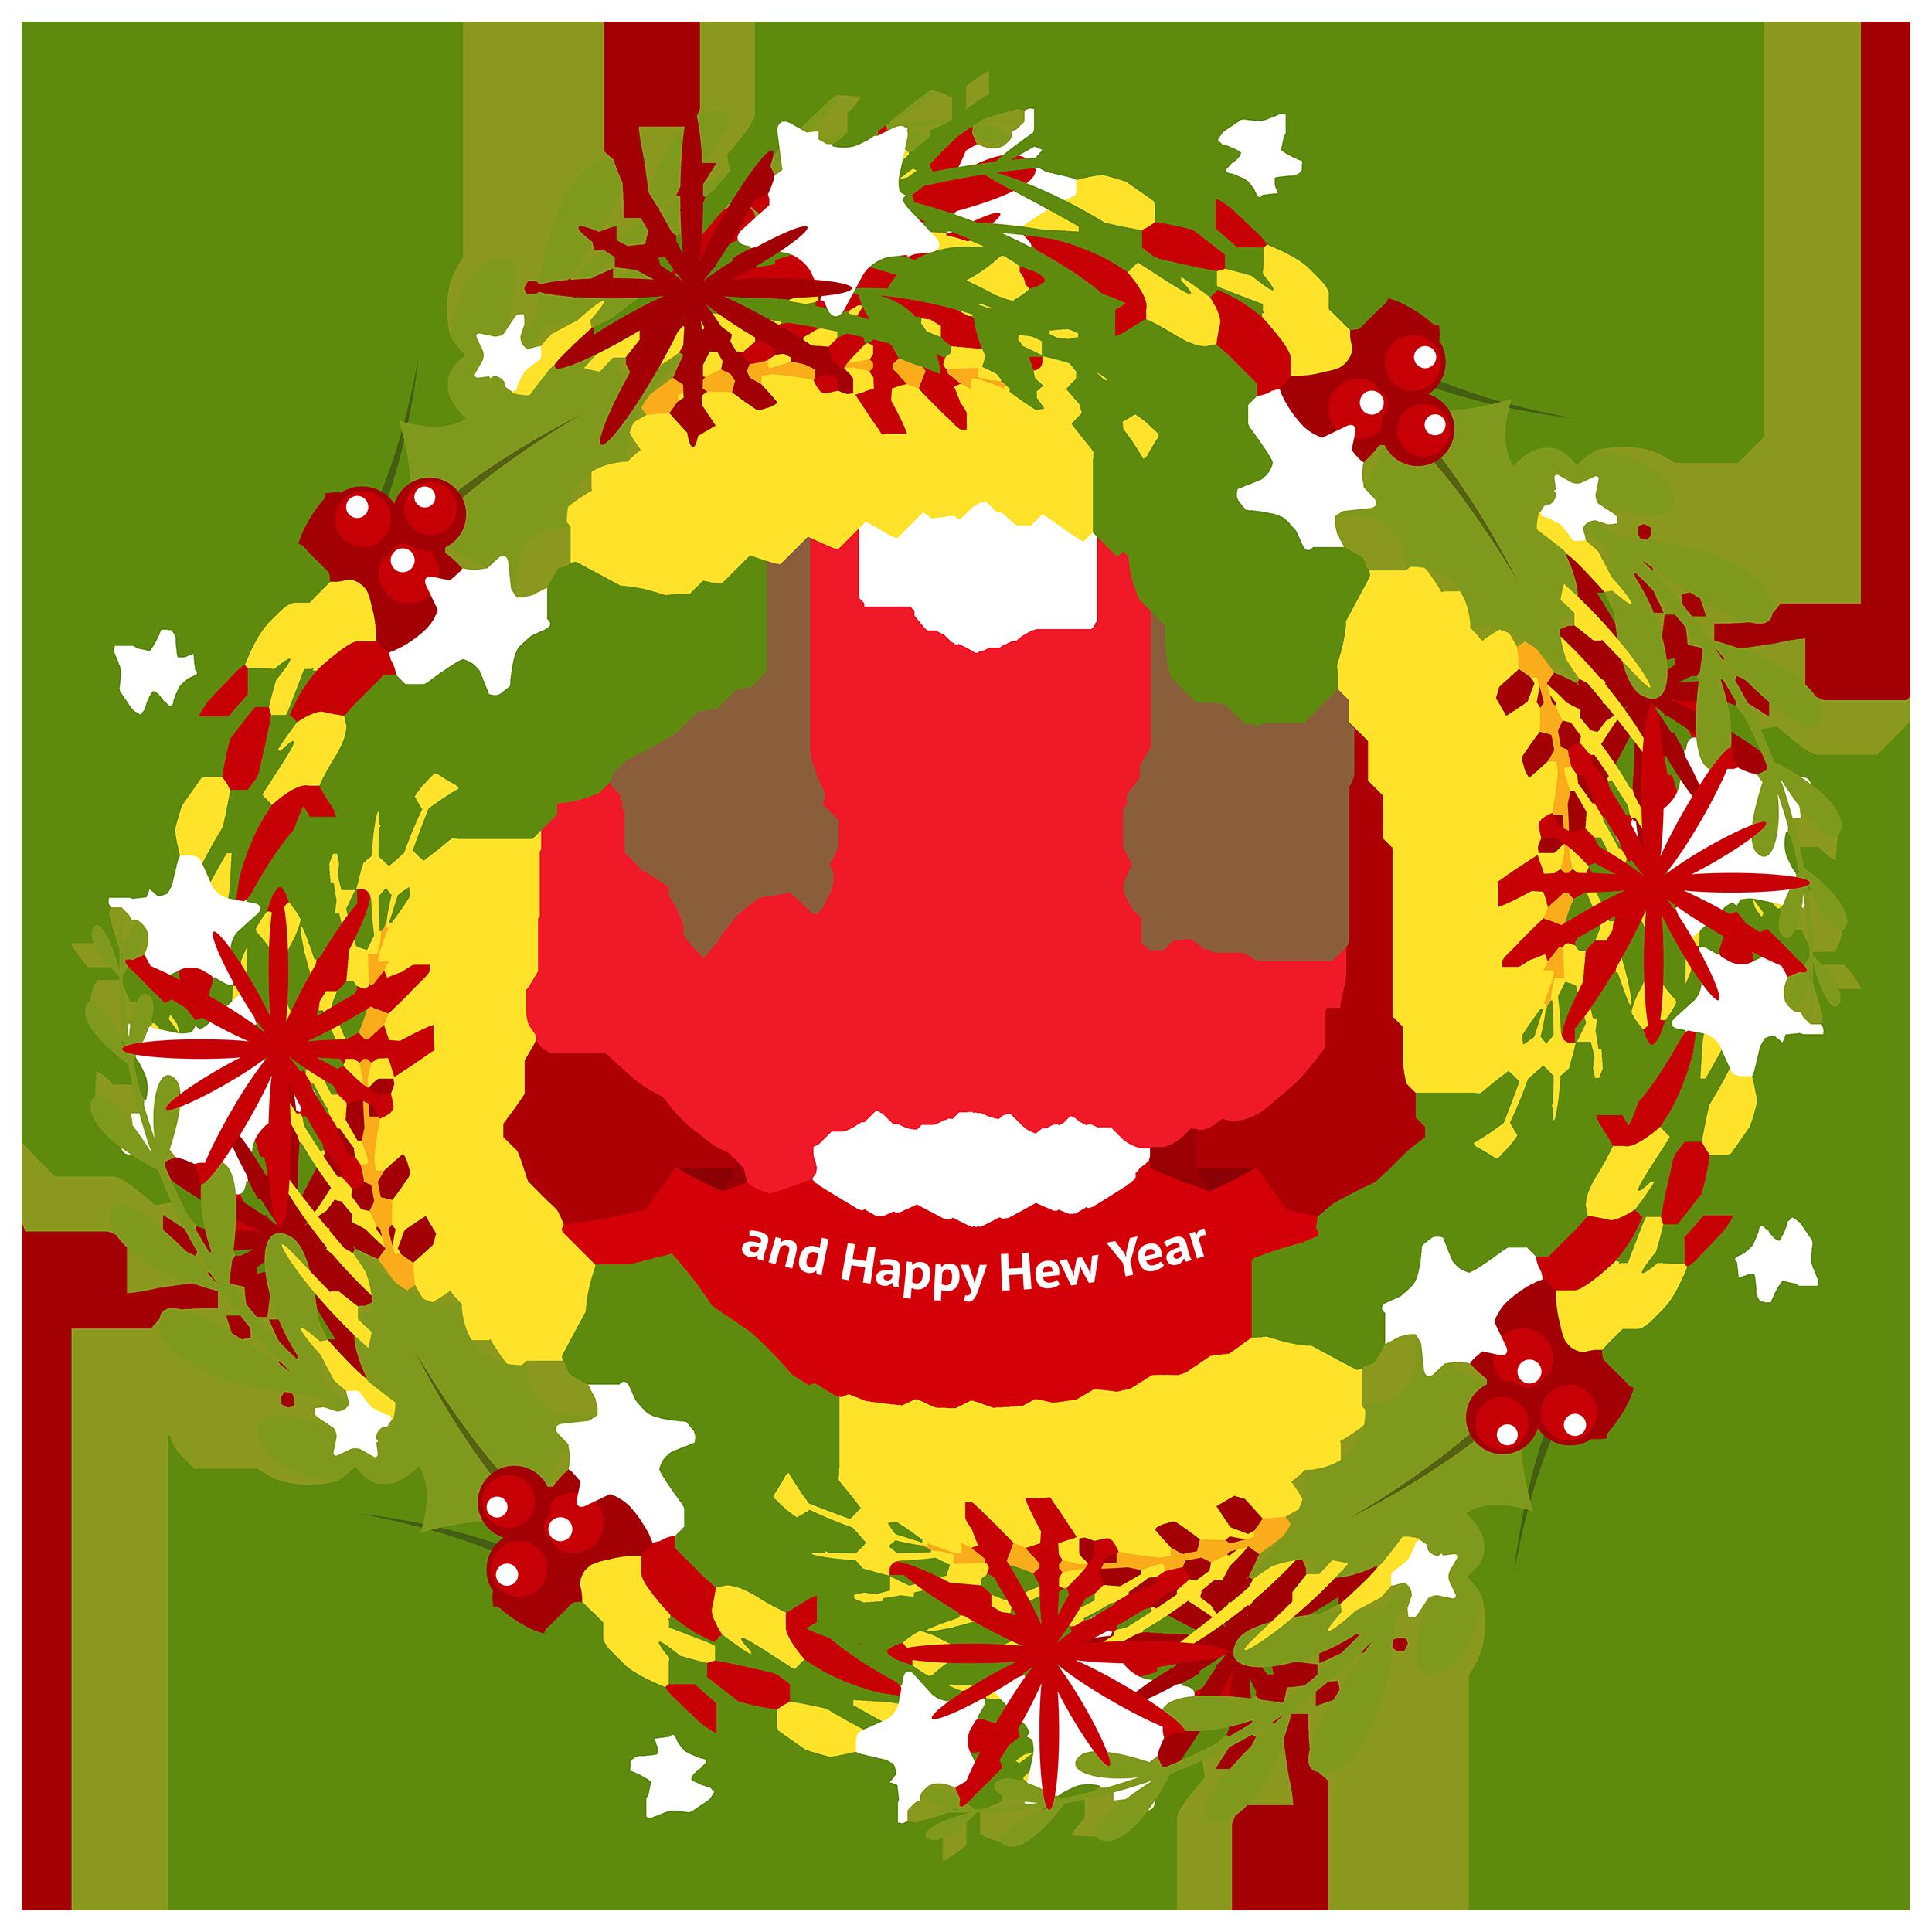 Christmas Wreath With Mistletoe Clipart Web Christmas Wreaths Very Merry Christmas Christmas Photos